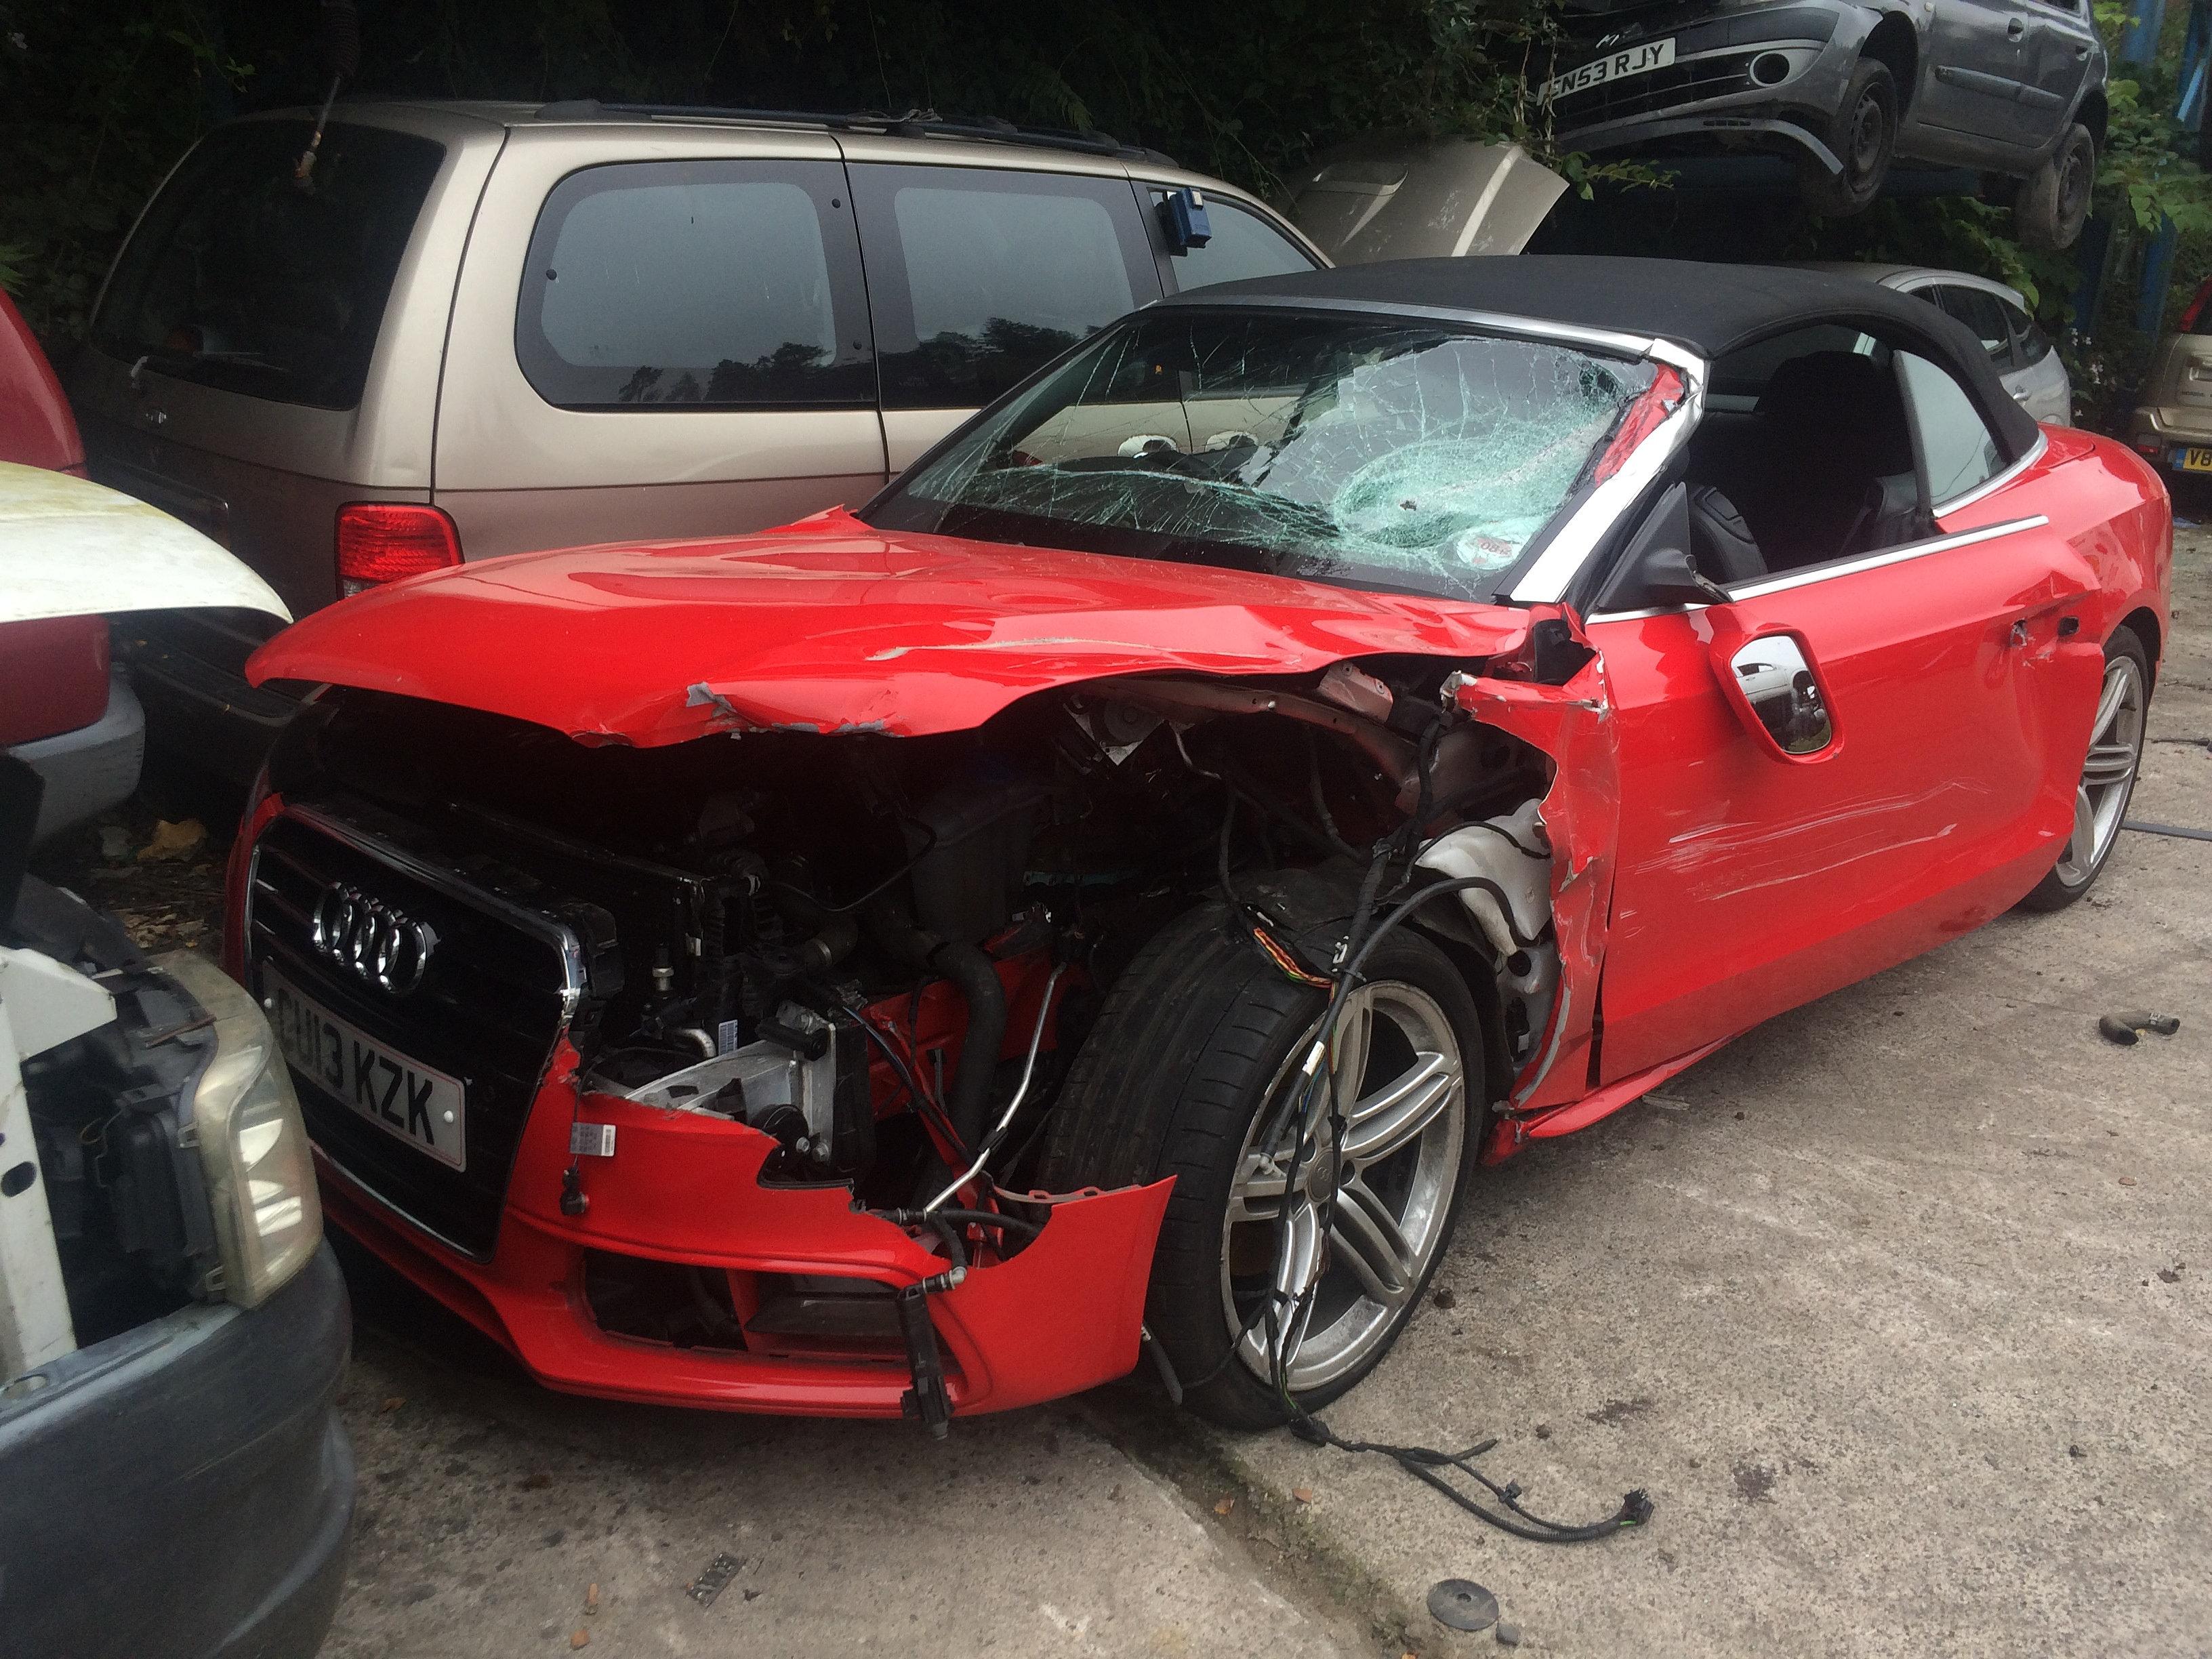 How to scrap car with no log book - A L Griffiths Scrap Car Collectors